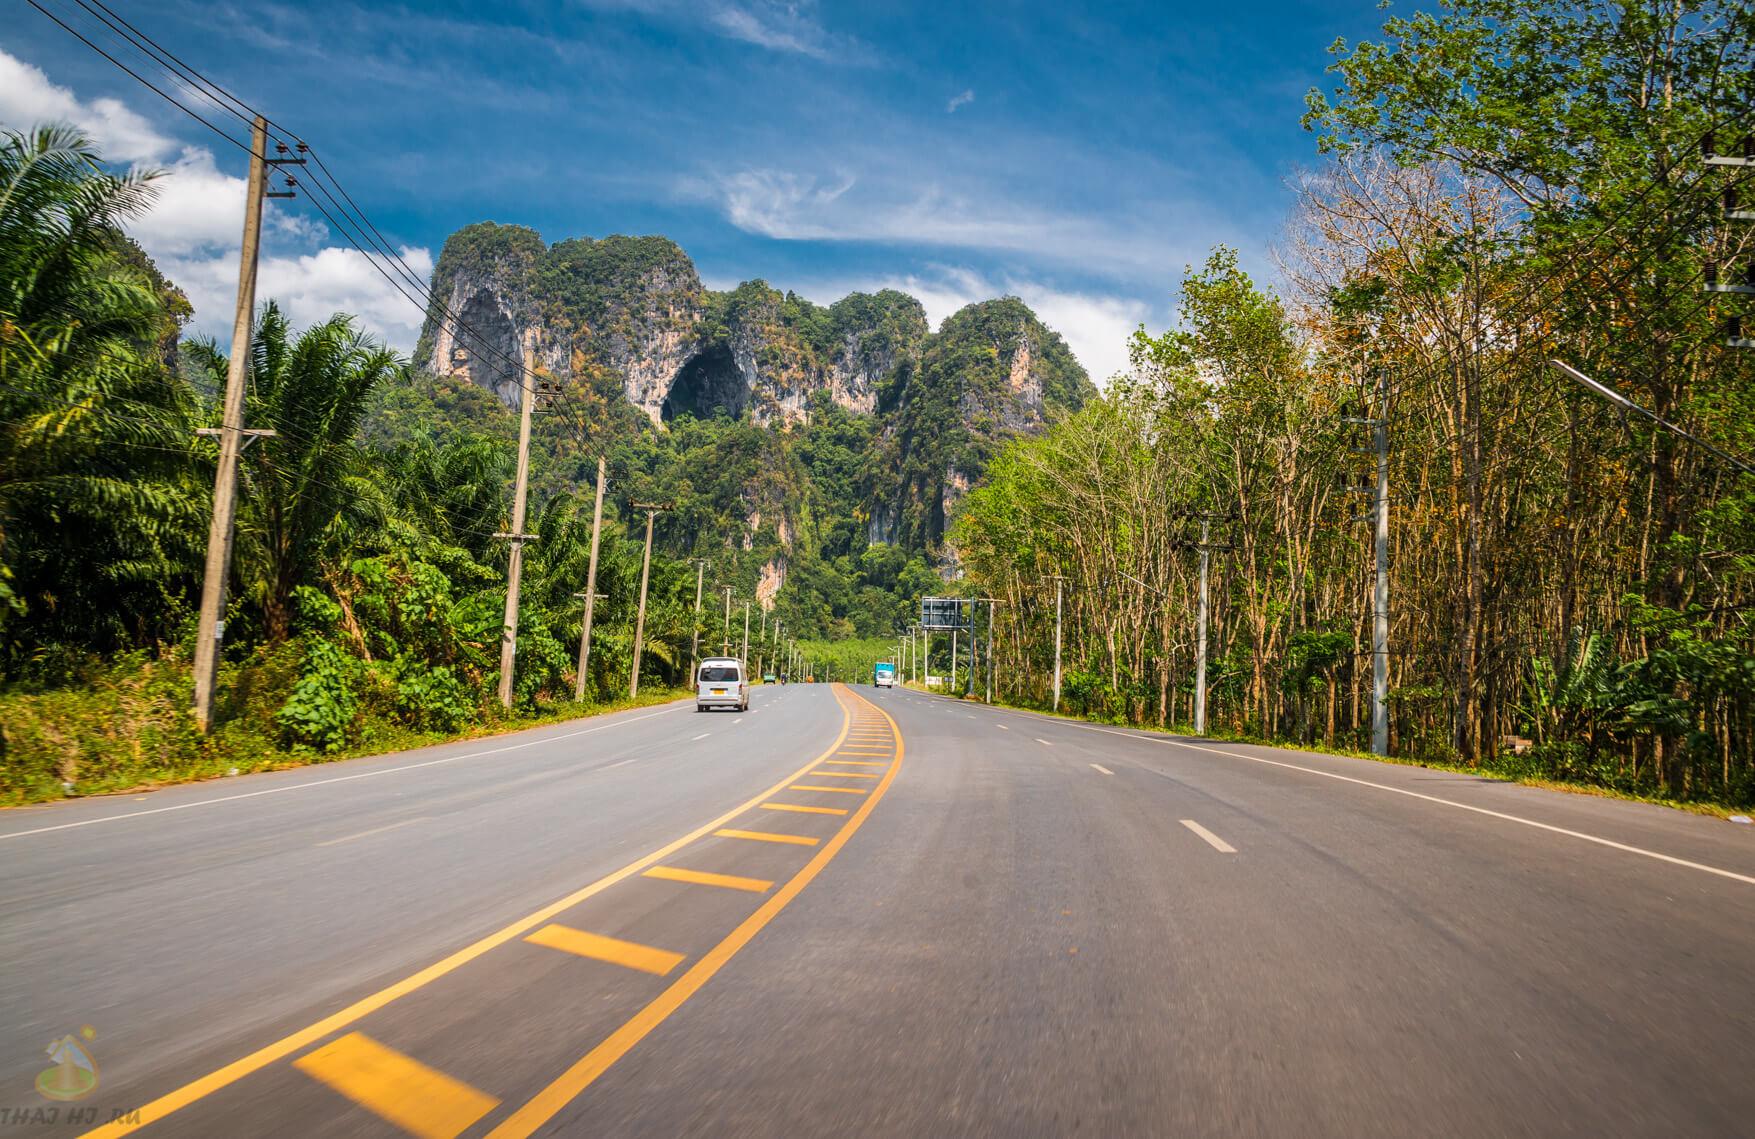 Дорога из Краби таун в Ао Нанг